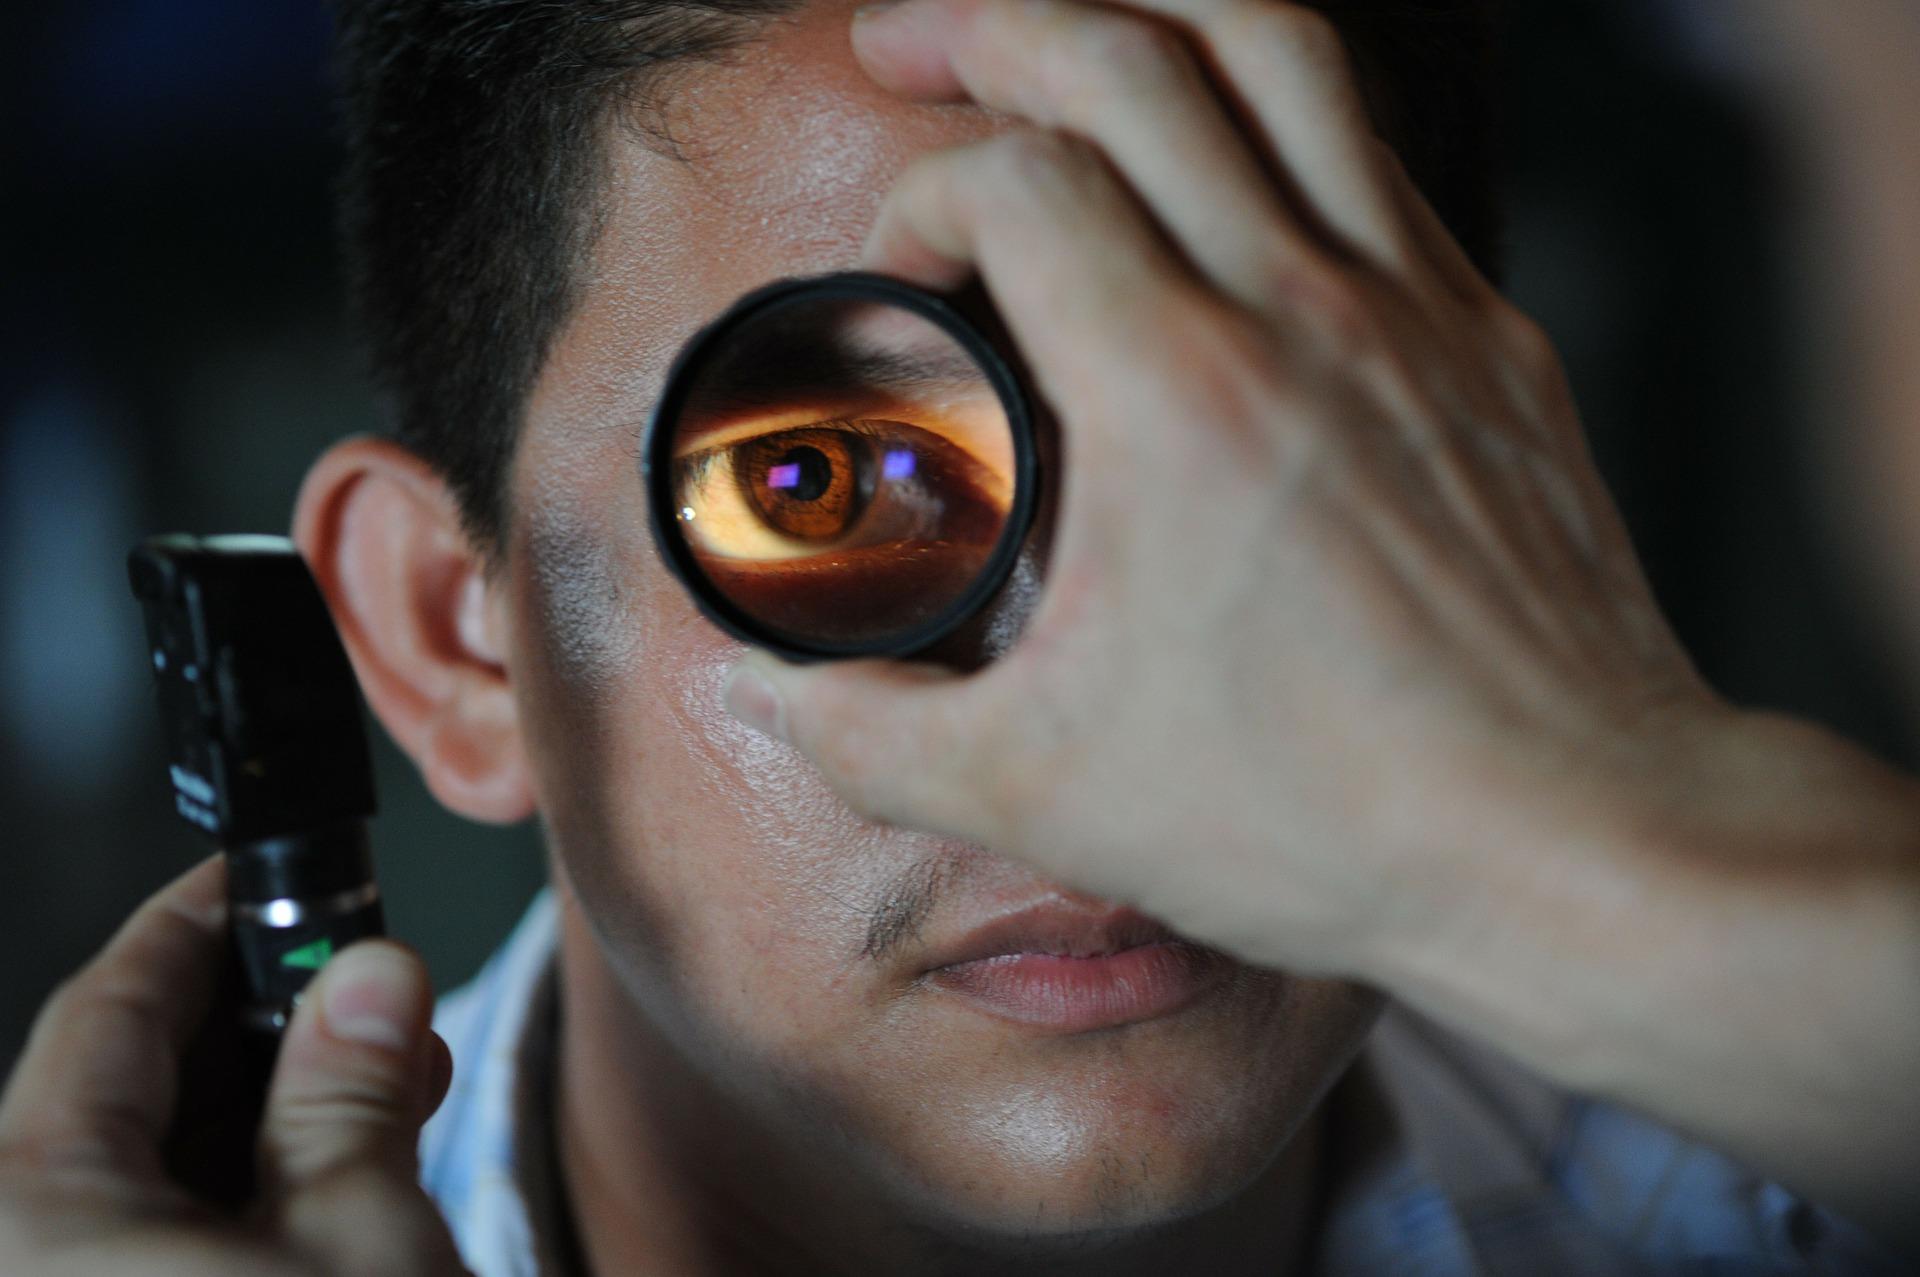 Eye Exam Closeup